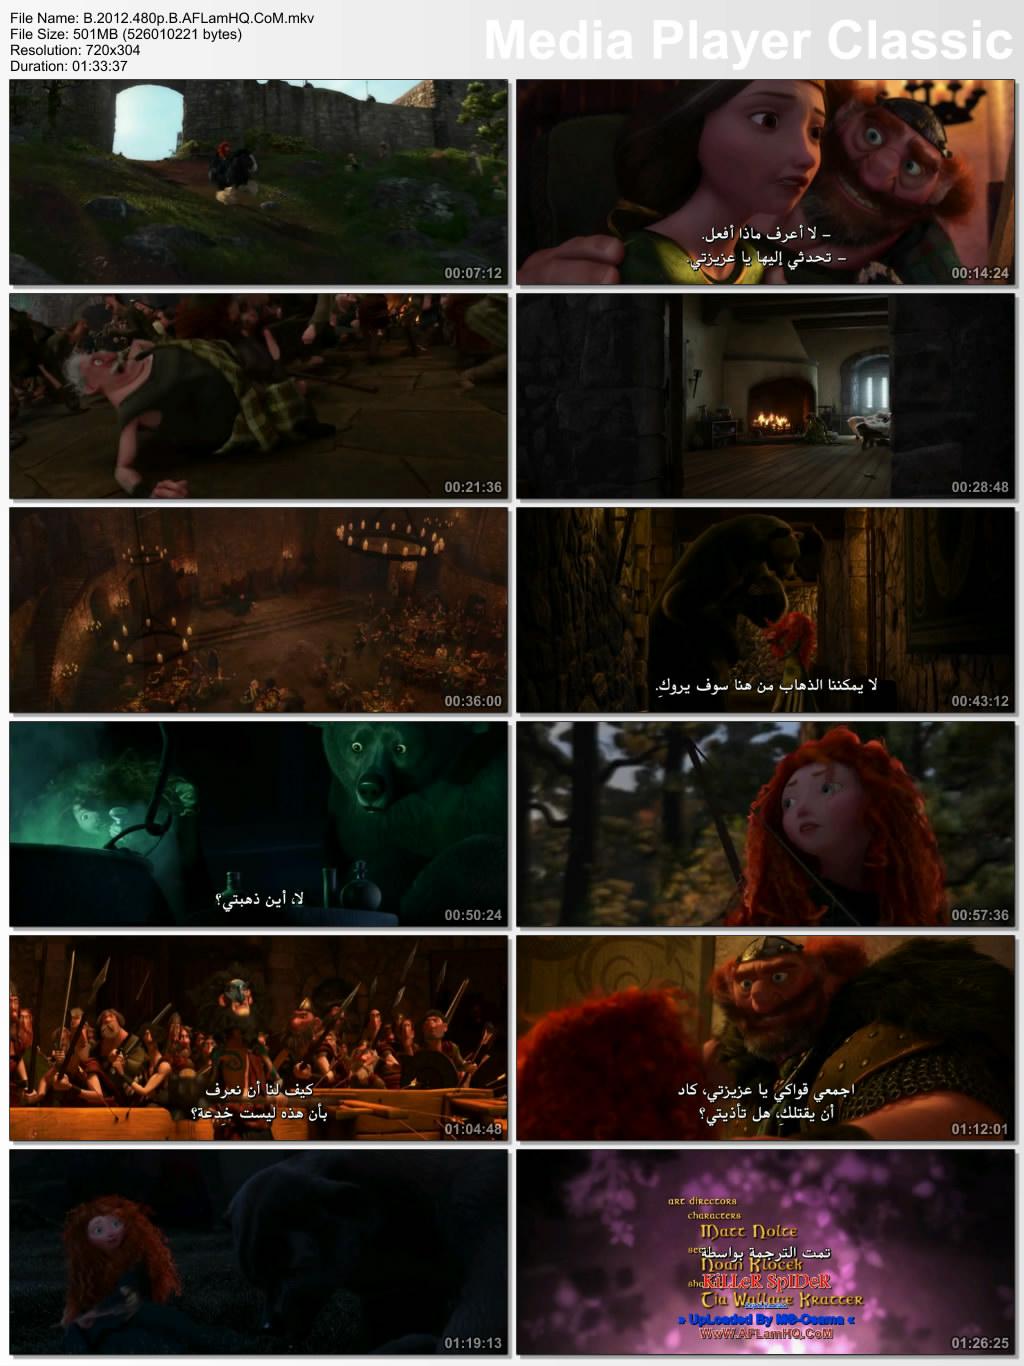 Brave 2012 480p BluRay 22516alsh3er.png